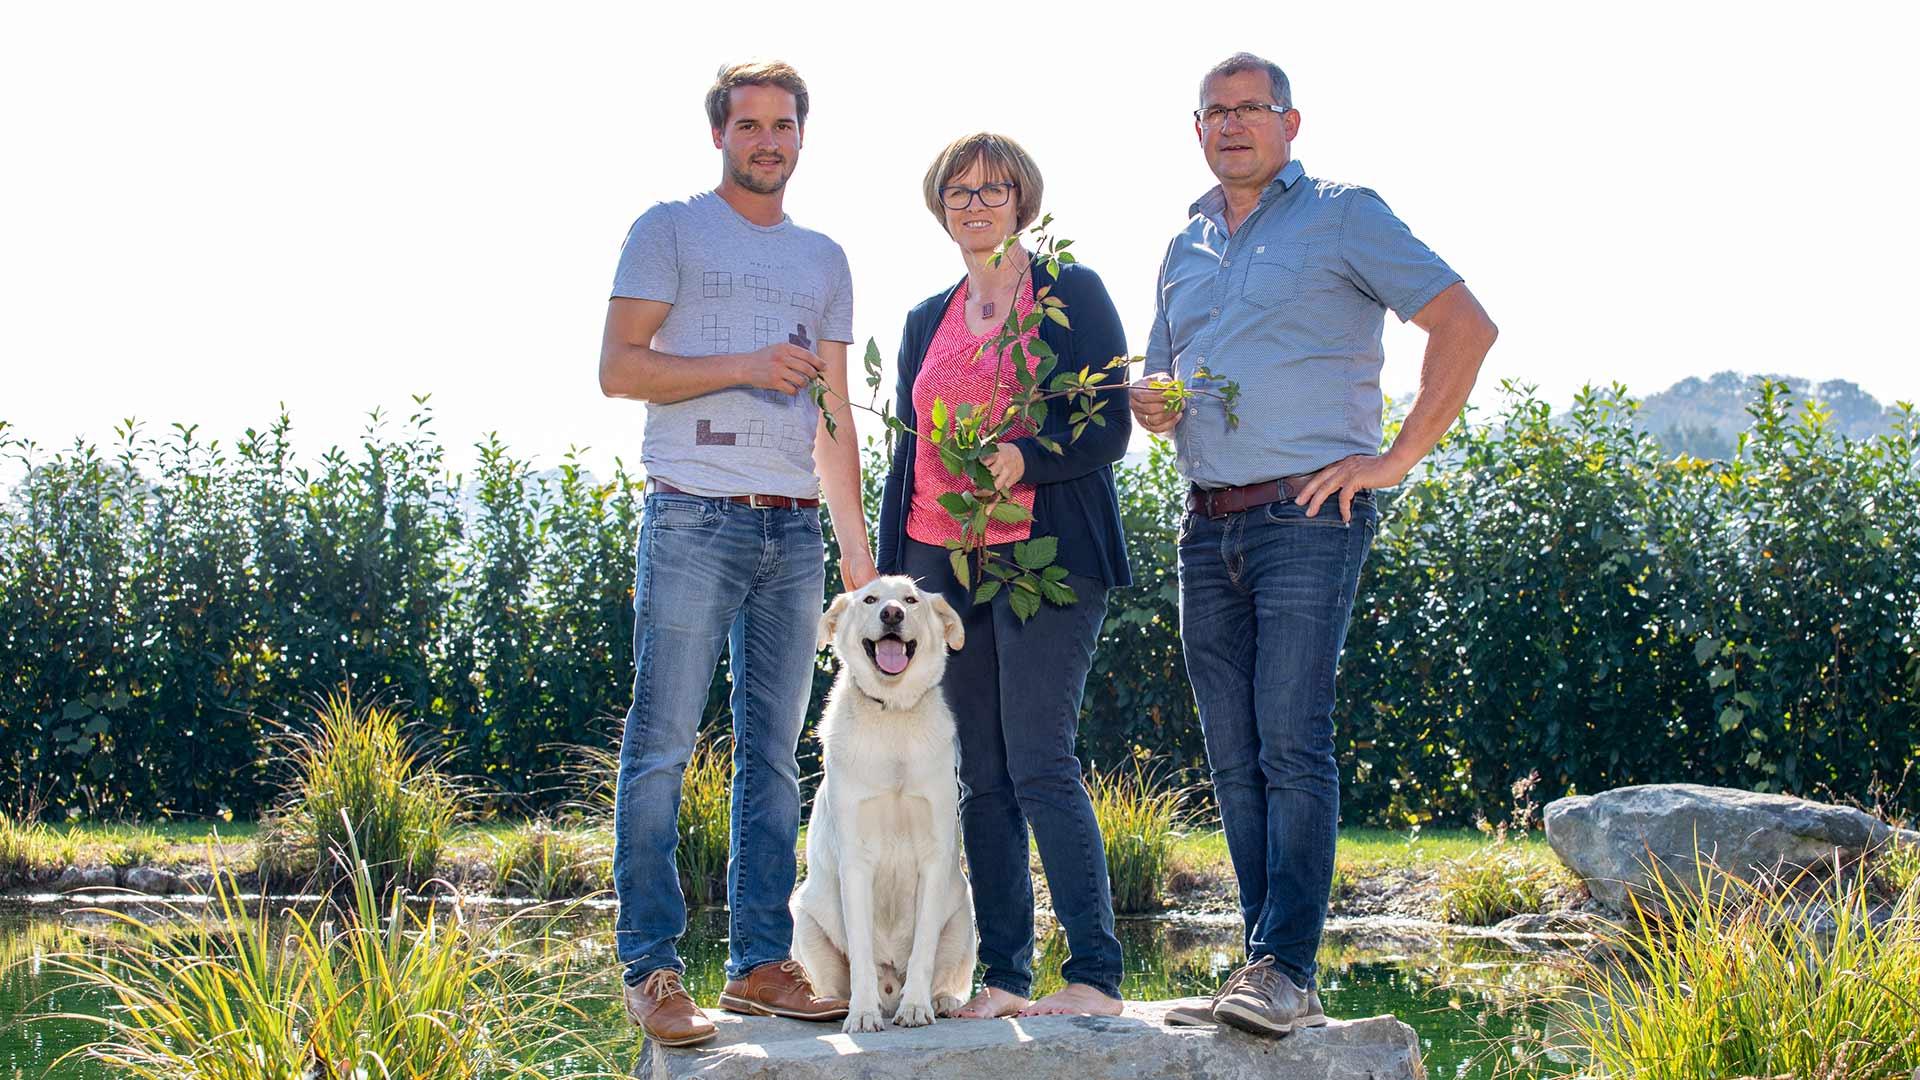 Beerengut Bauerngemeinschaft Straden Familie Lenz